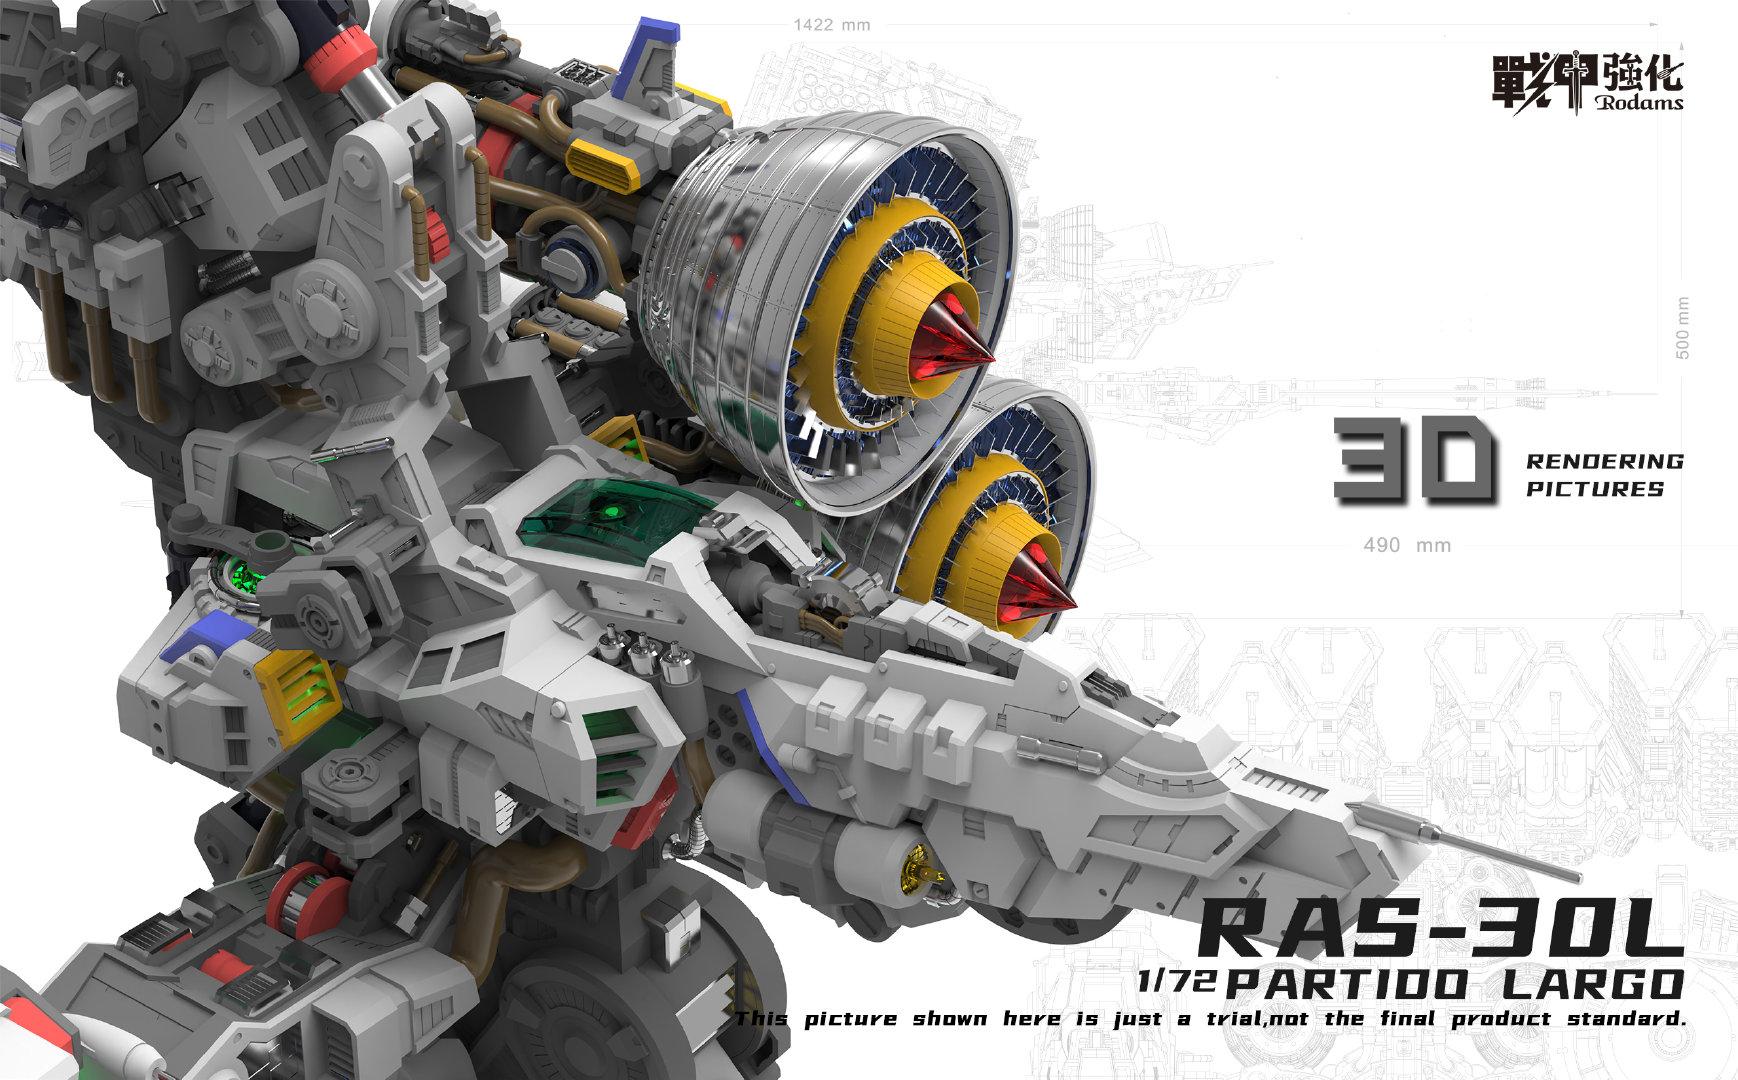 S542_Rodams_PARTIDO_LARGO_info_1226_010.jpg